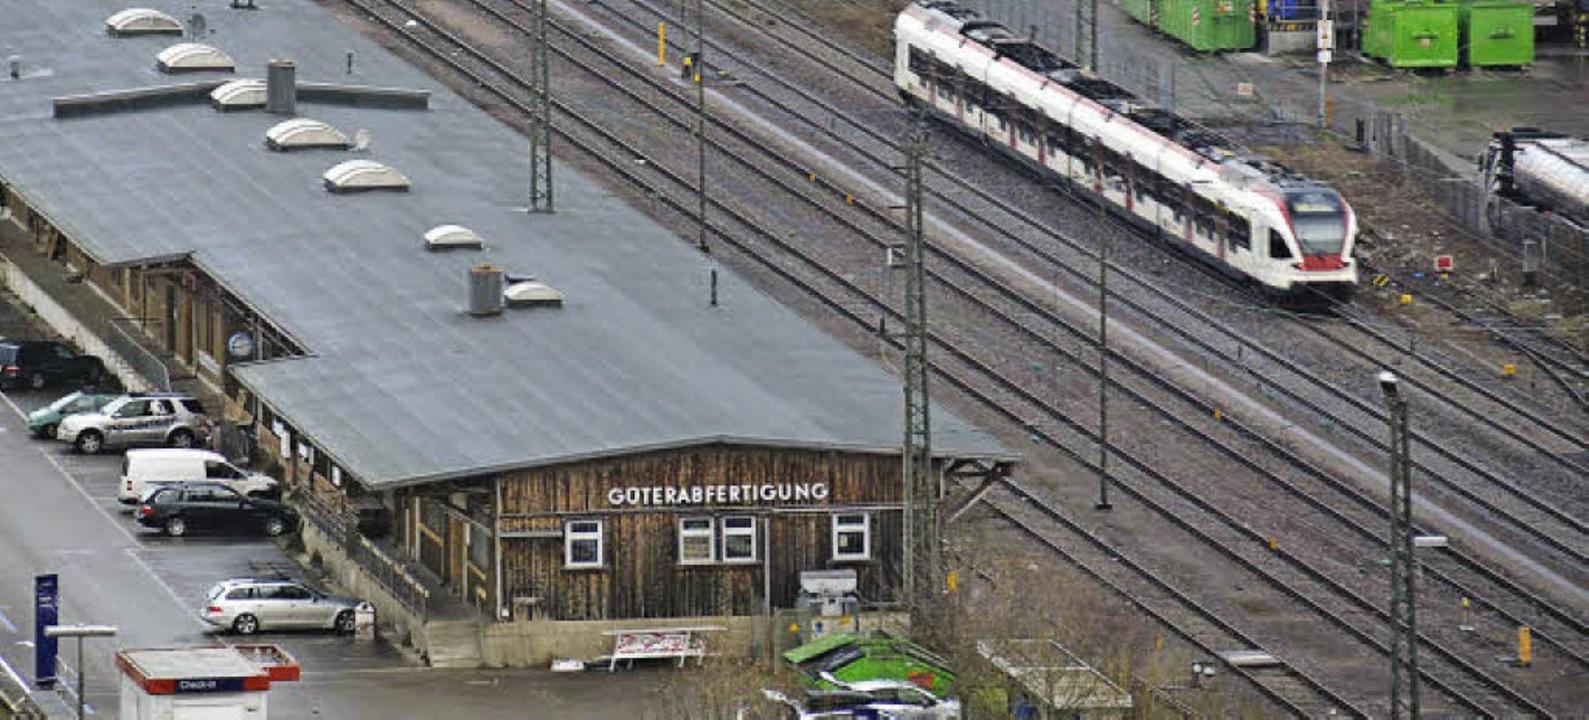 Wenn der Güterbahnhof aufgegeben und d...geraten, fürchtet die IG pro Schiene.   | Foto: Nikolaus Trenz